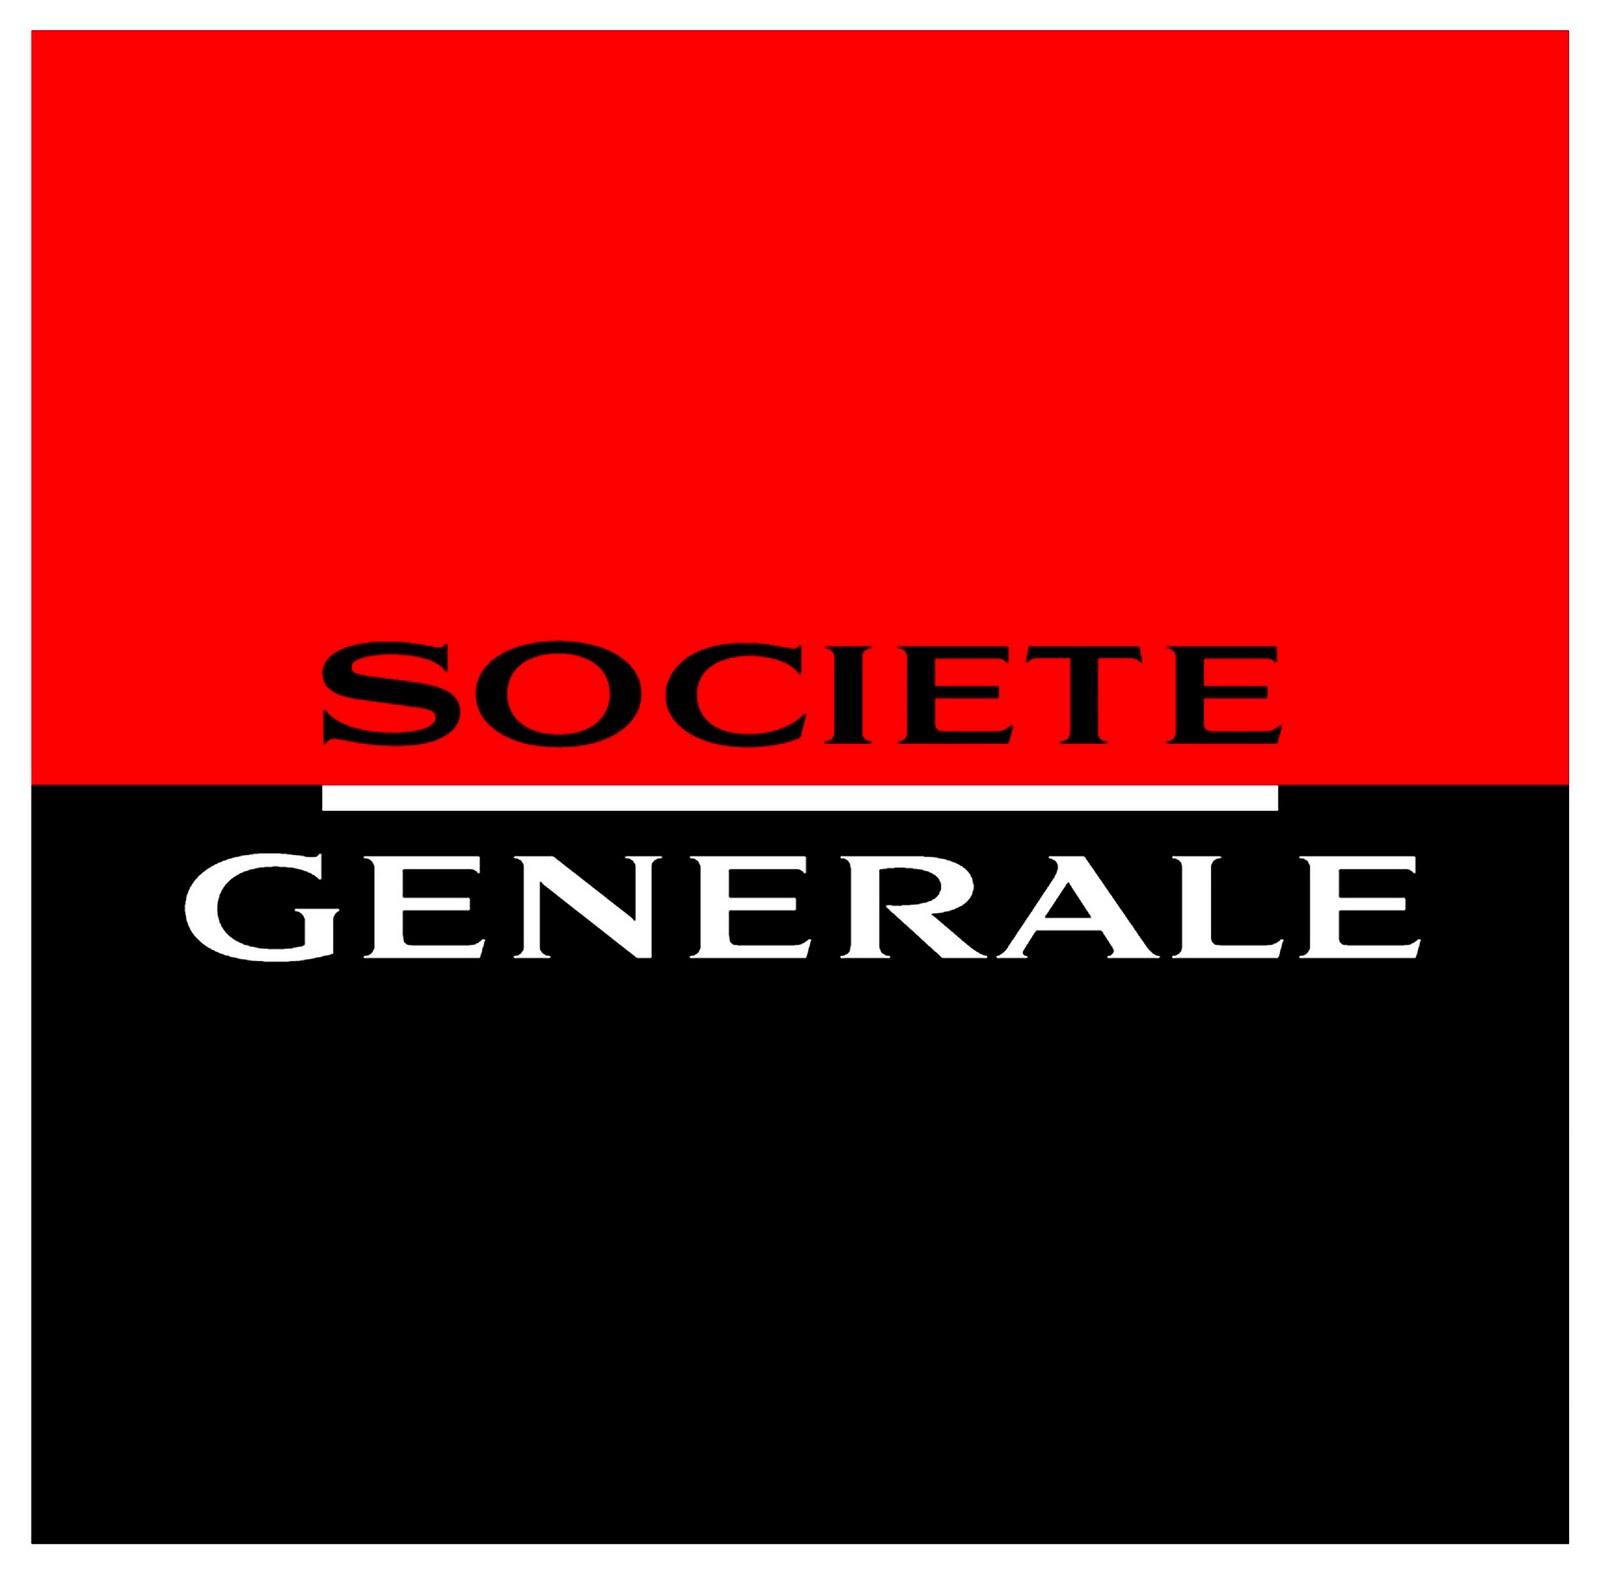 Societe generale societe калита форекс